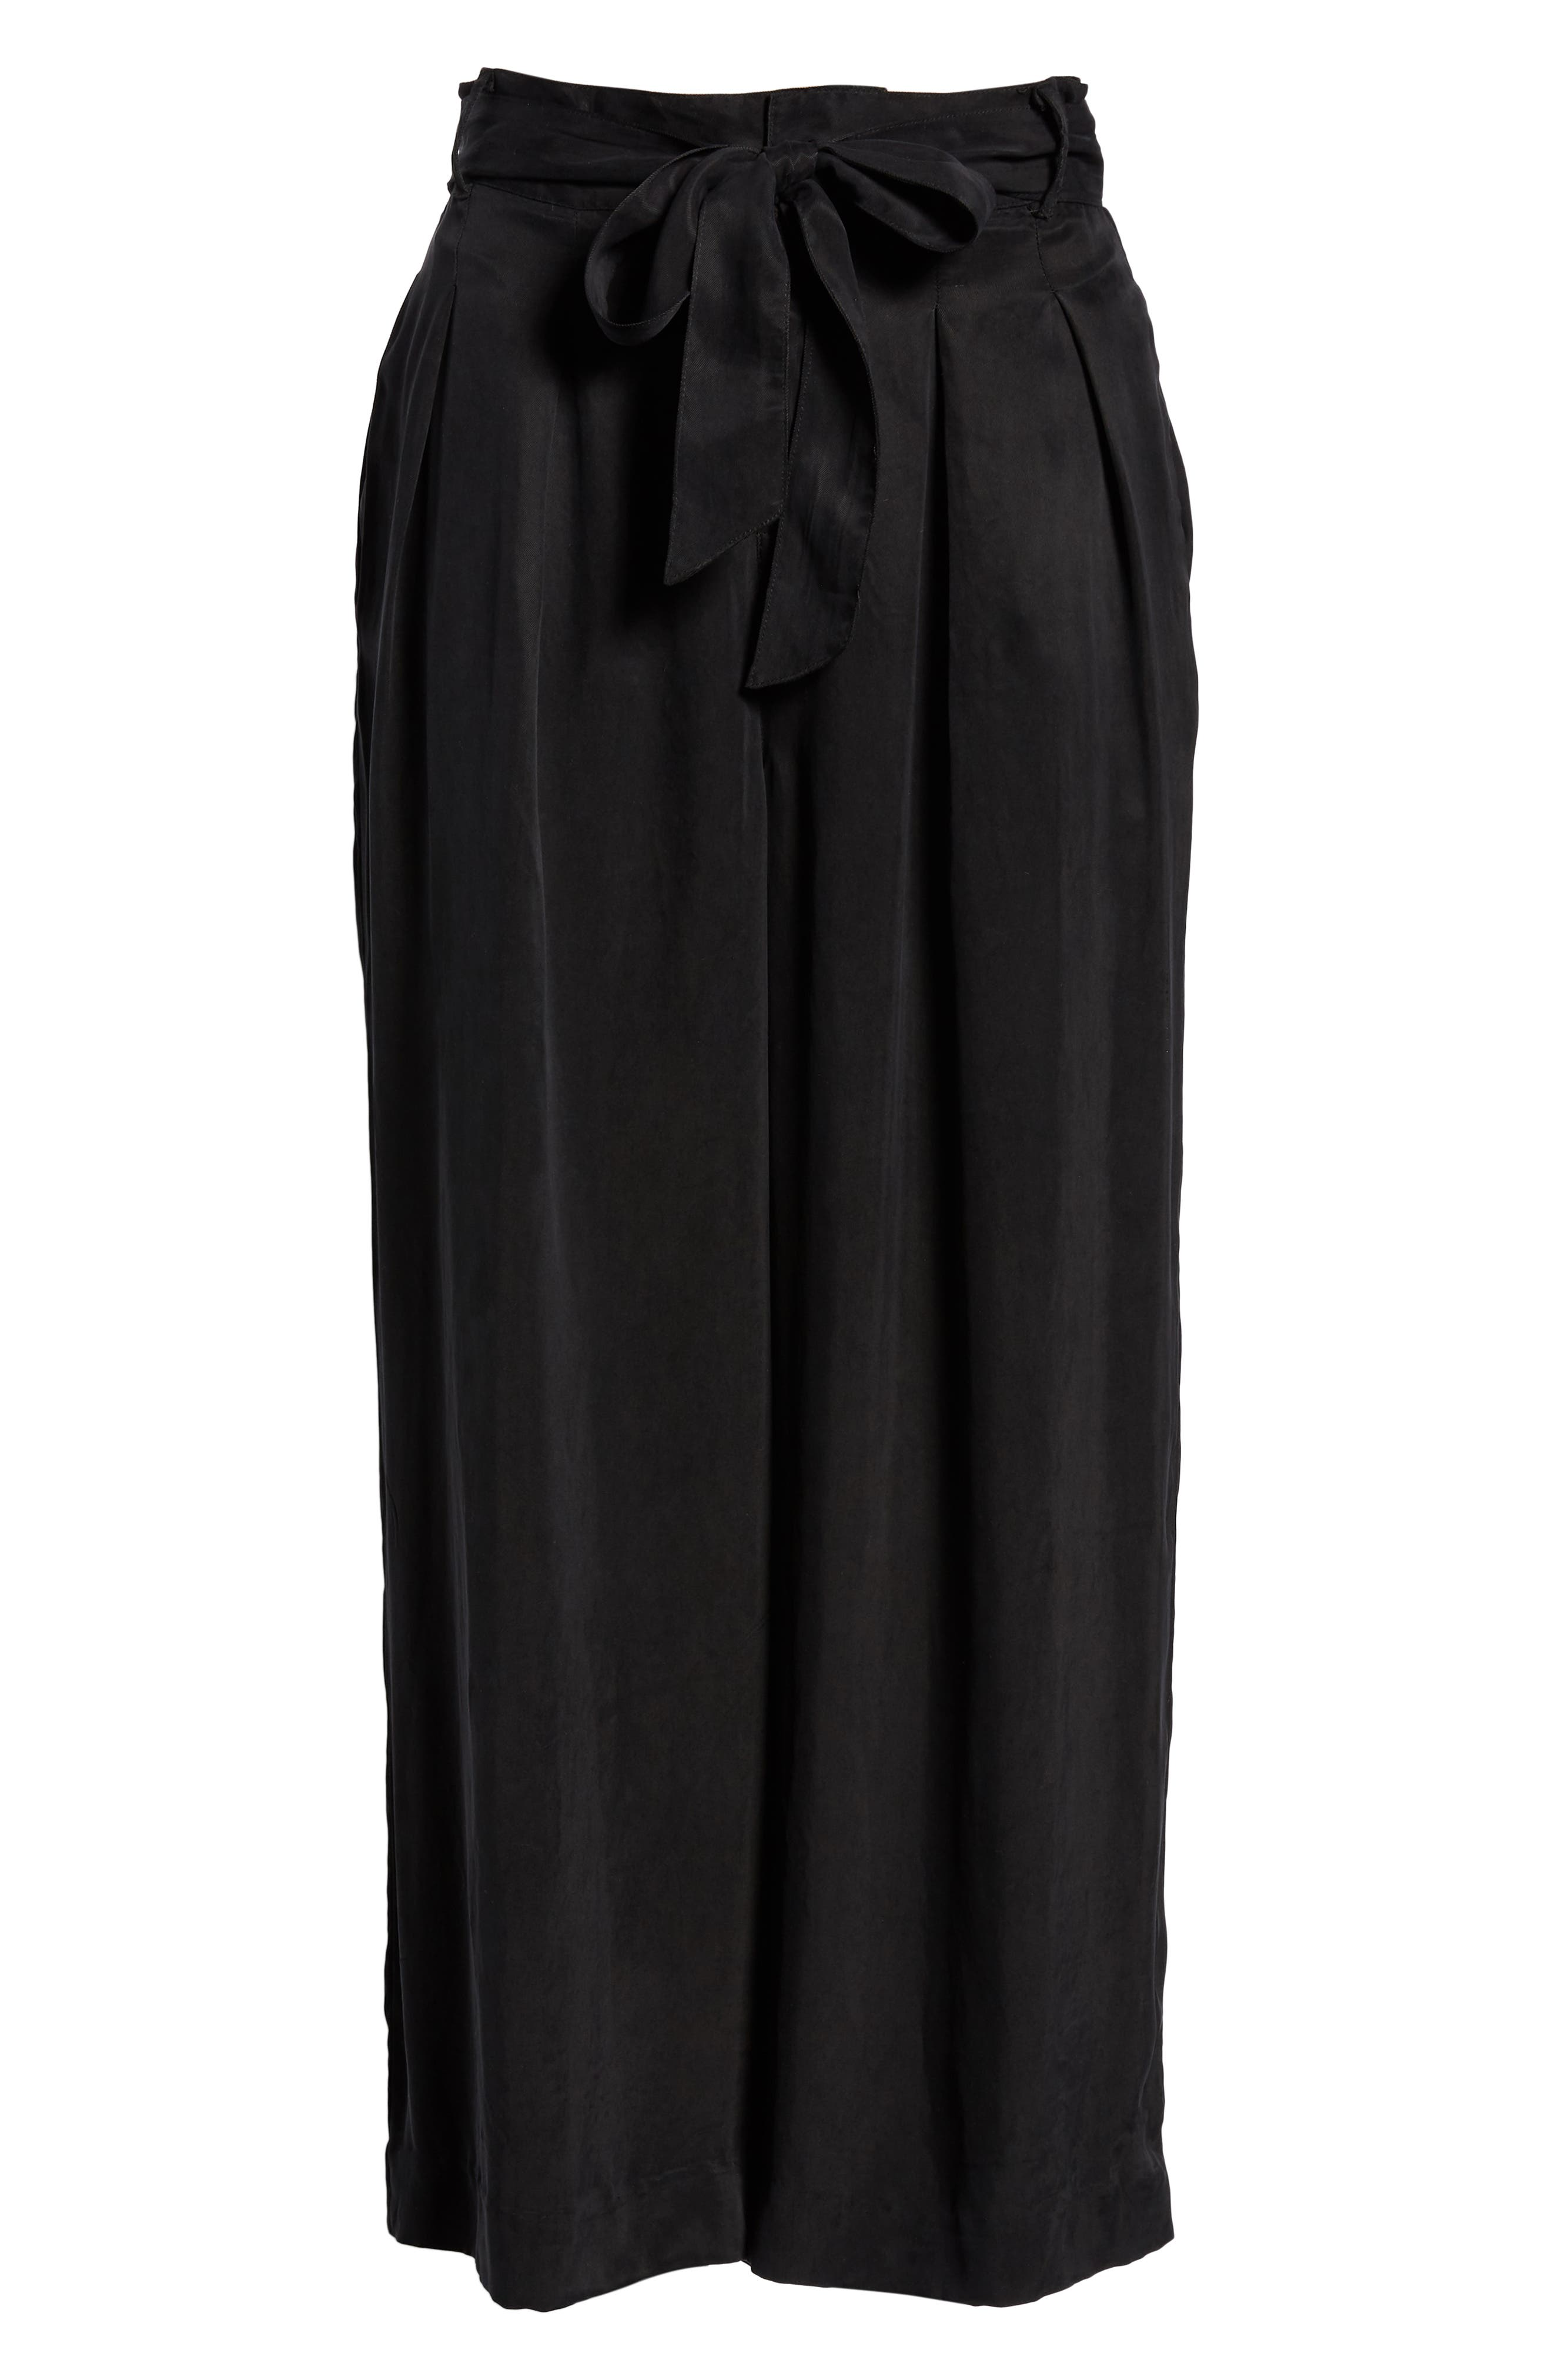 Jenna Cupro Wide Leg Pants,                             Alternate thumbnail 7, color,                             BLACK